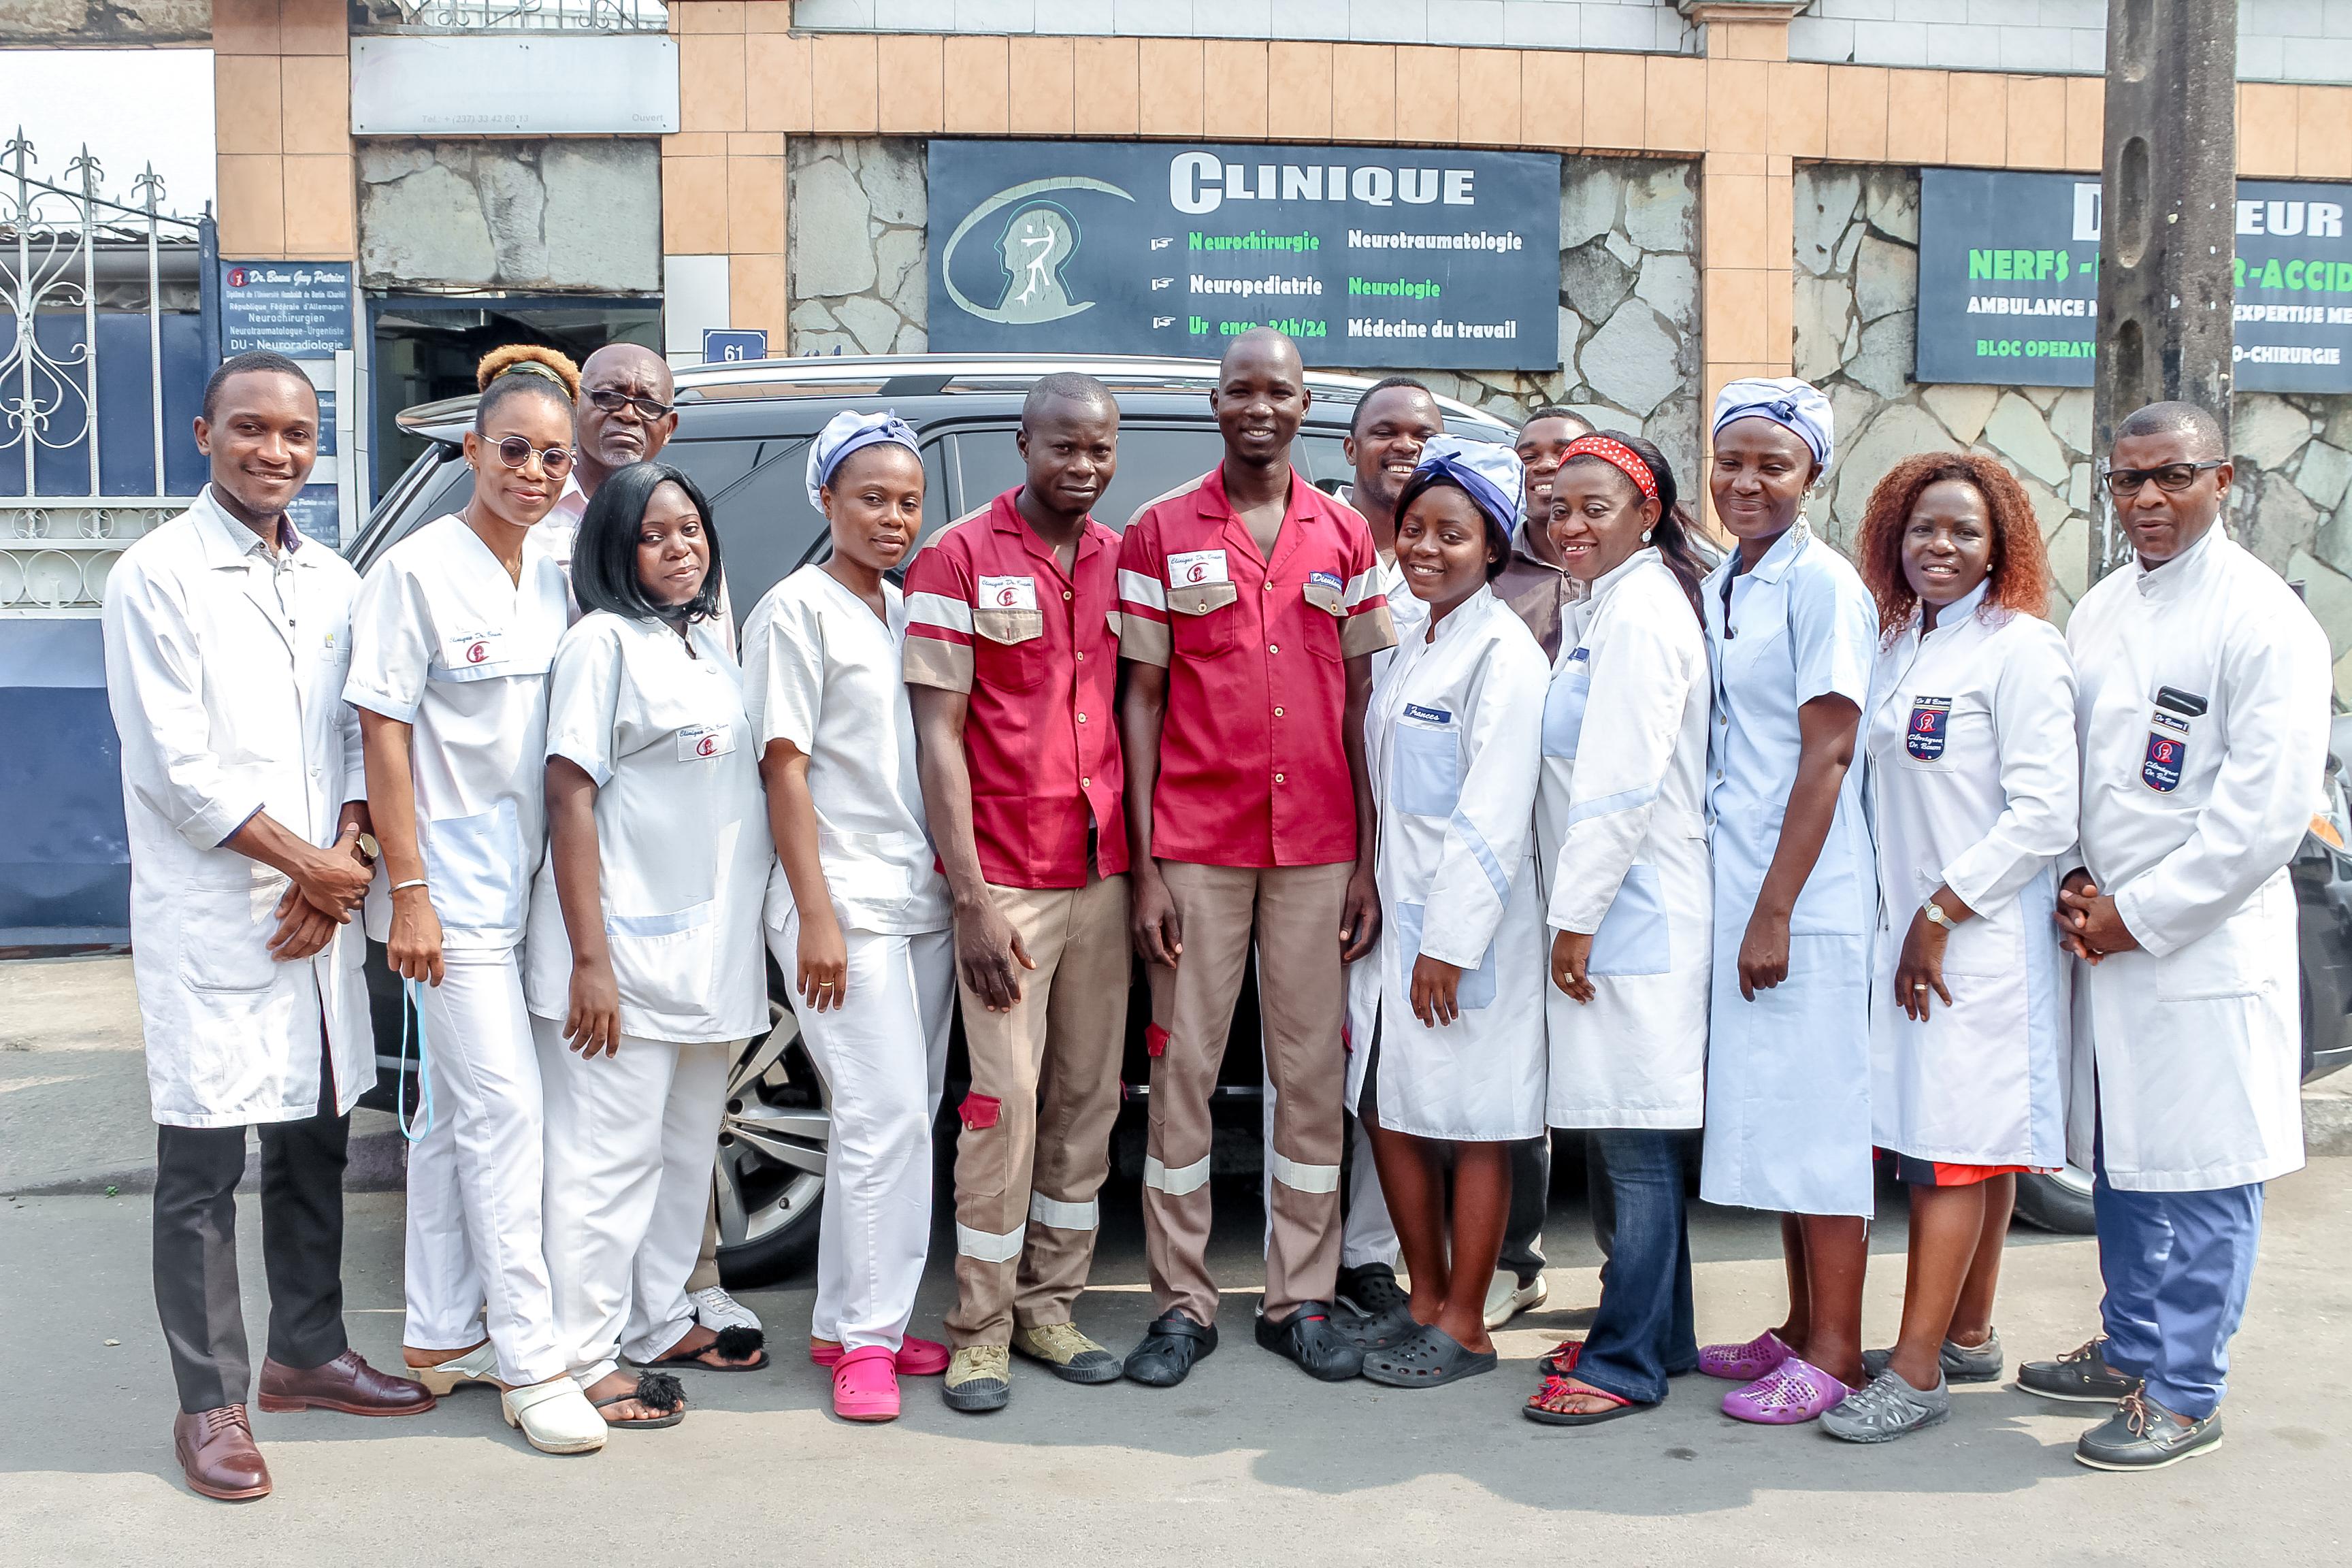 clinique dr boum our team